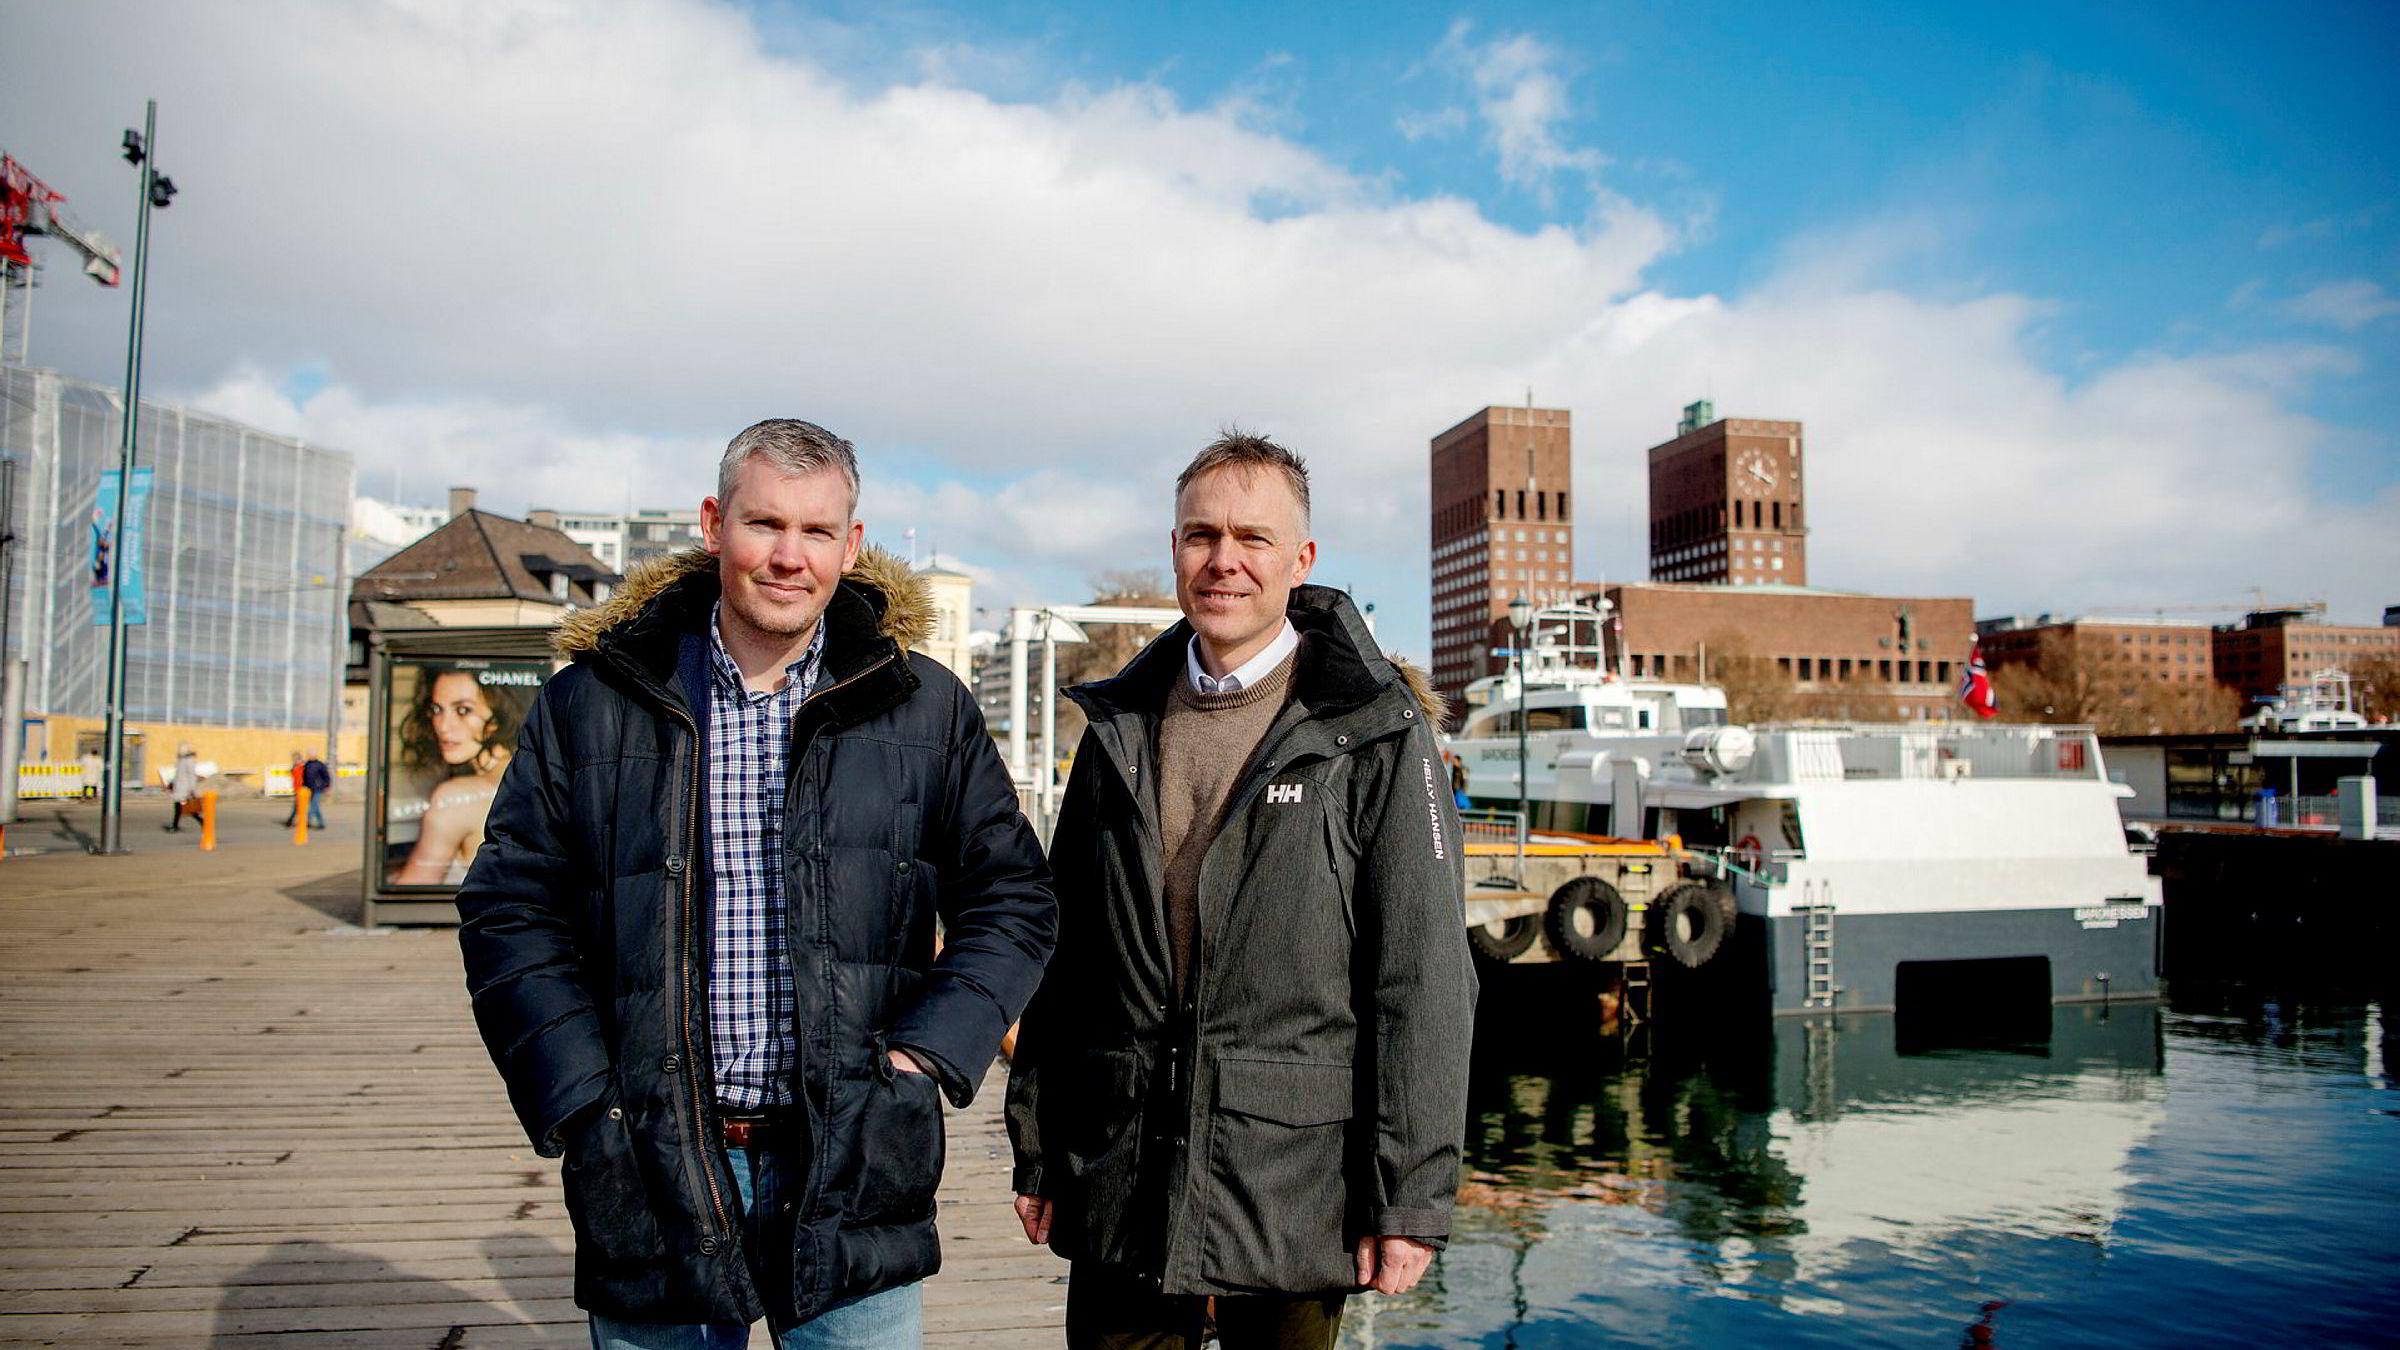 – Vi fant at det tok oss tre dager å hente inn rentetilbud fra 20 banker, sier Brynjar Ellingsen (til venstre), her sammen med sin kollega Sigurd Stendal i Fixrate, som satser på å gjøre det enkelt å ha innskudd i mange banker.